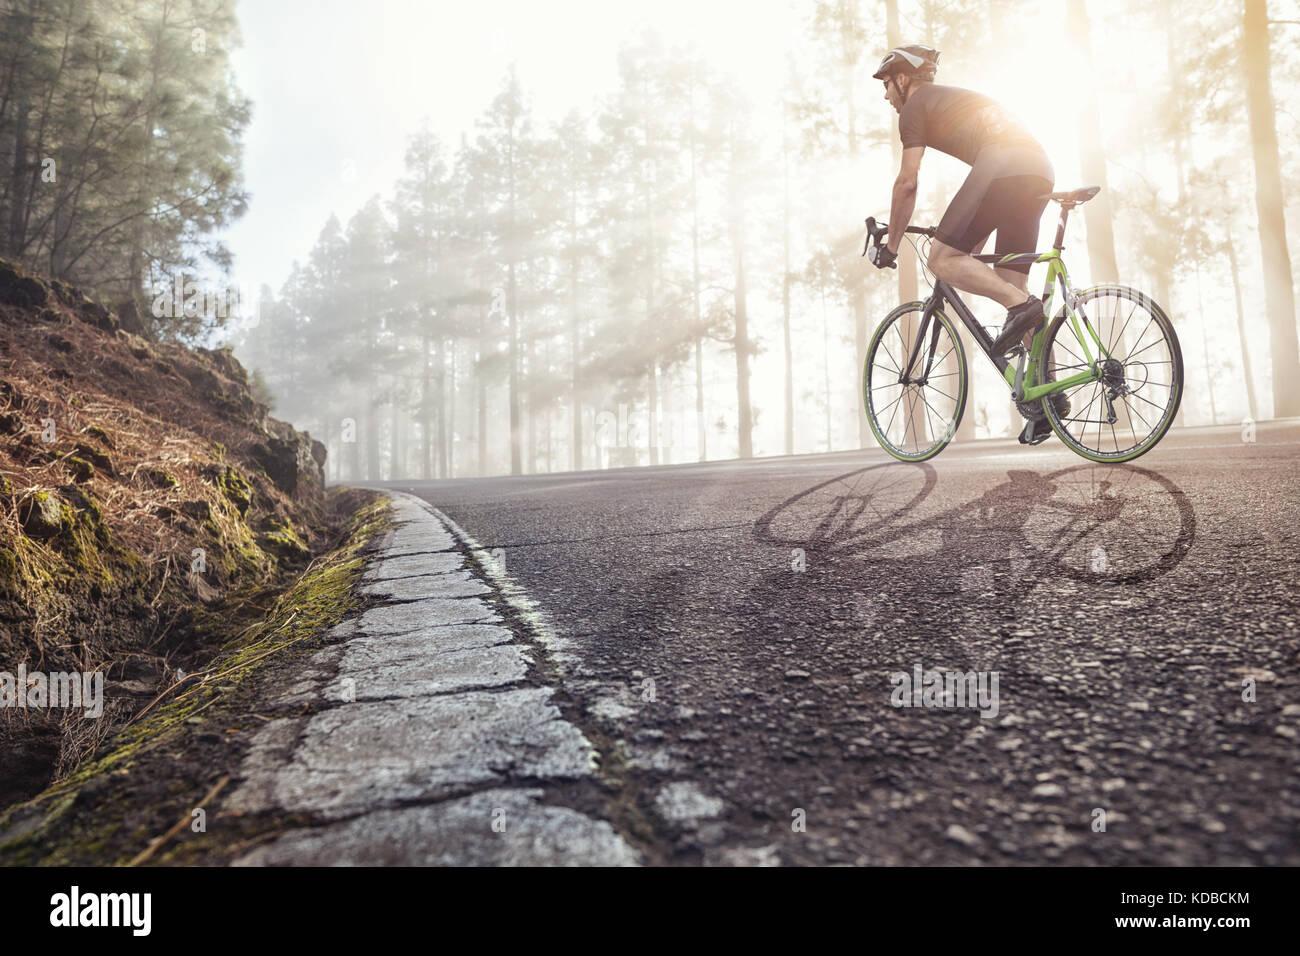 Ciclista en carretera en un bosque neblinoso Imagen De Stock